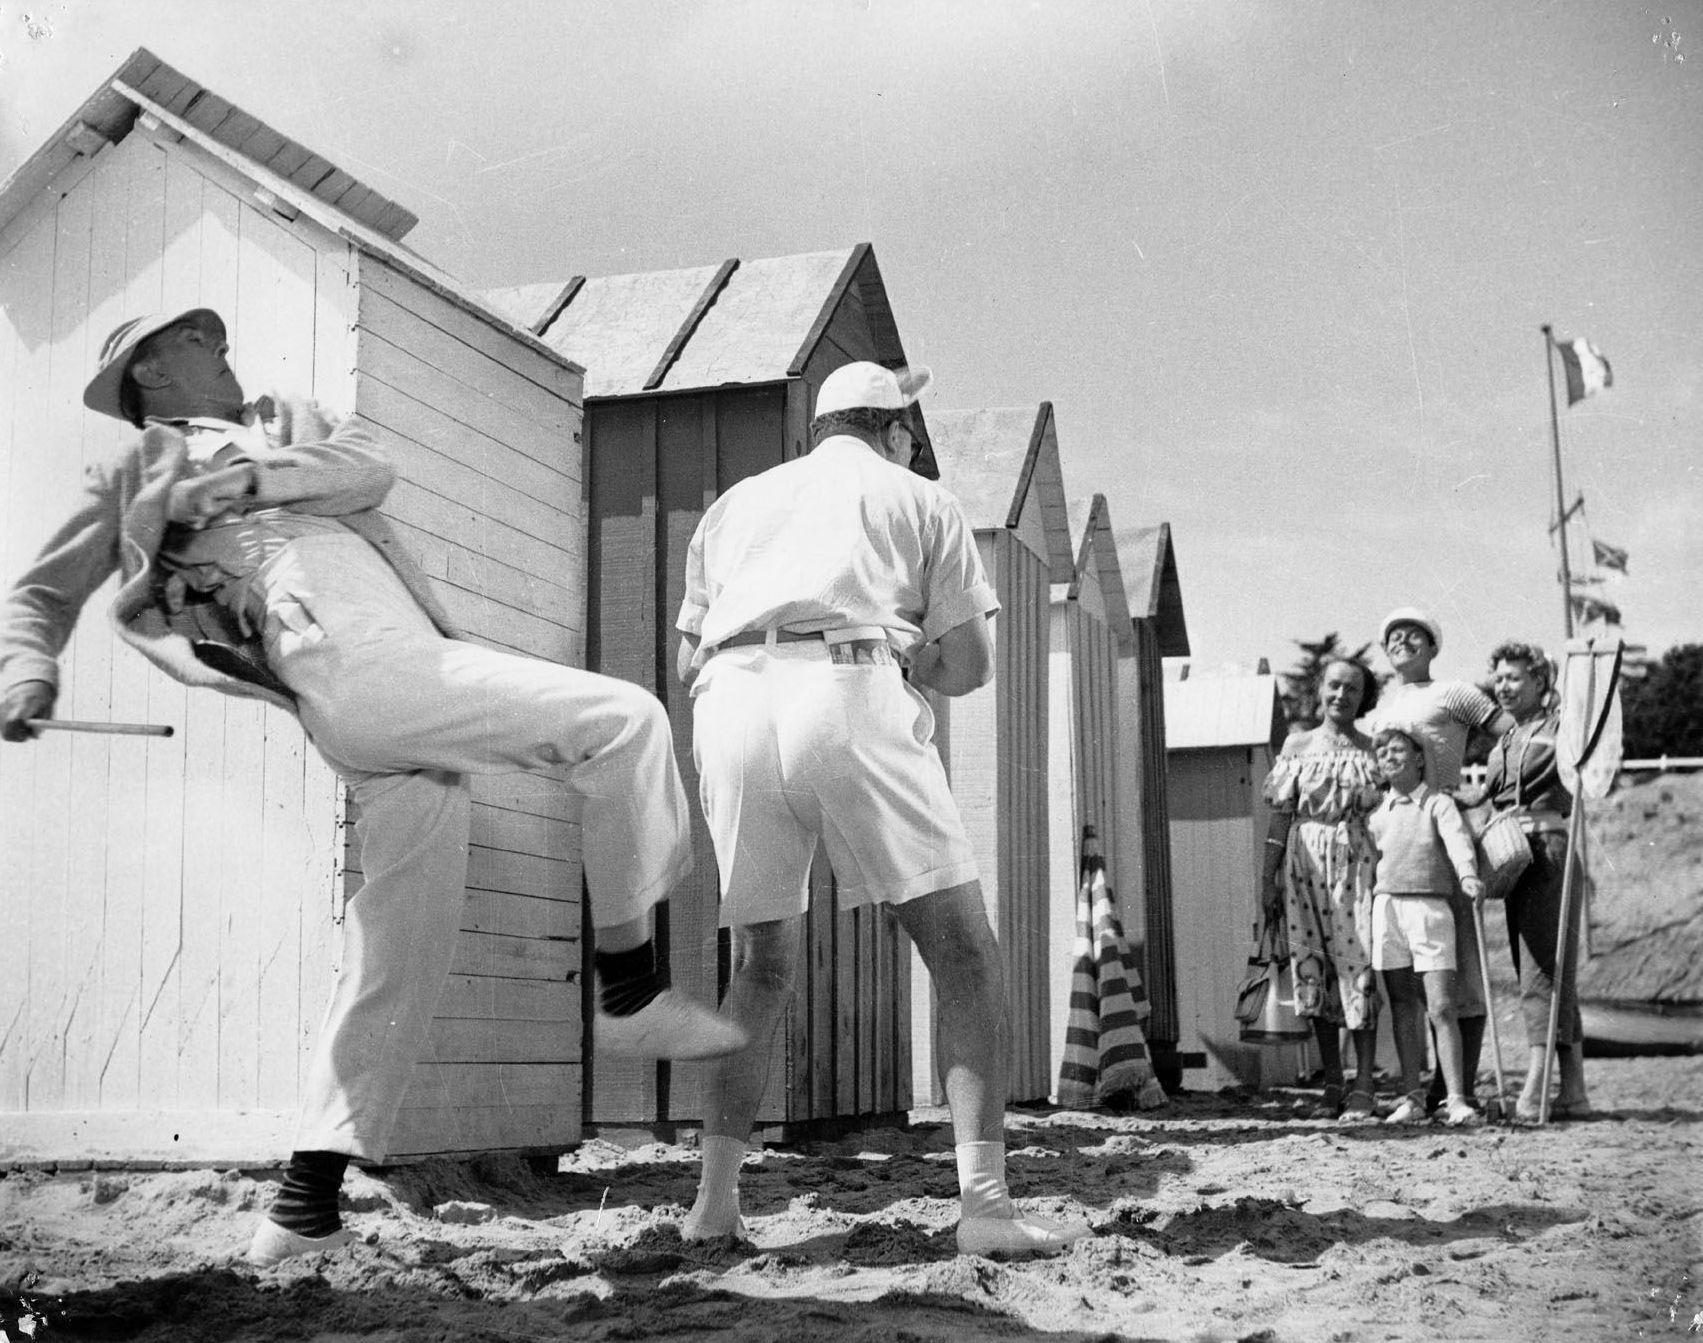 Le vacanze di monsieur Hulot: Jacques Tati in una scena del suo film